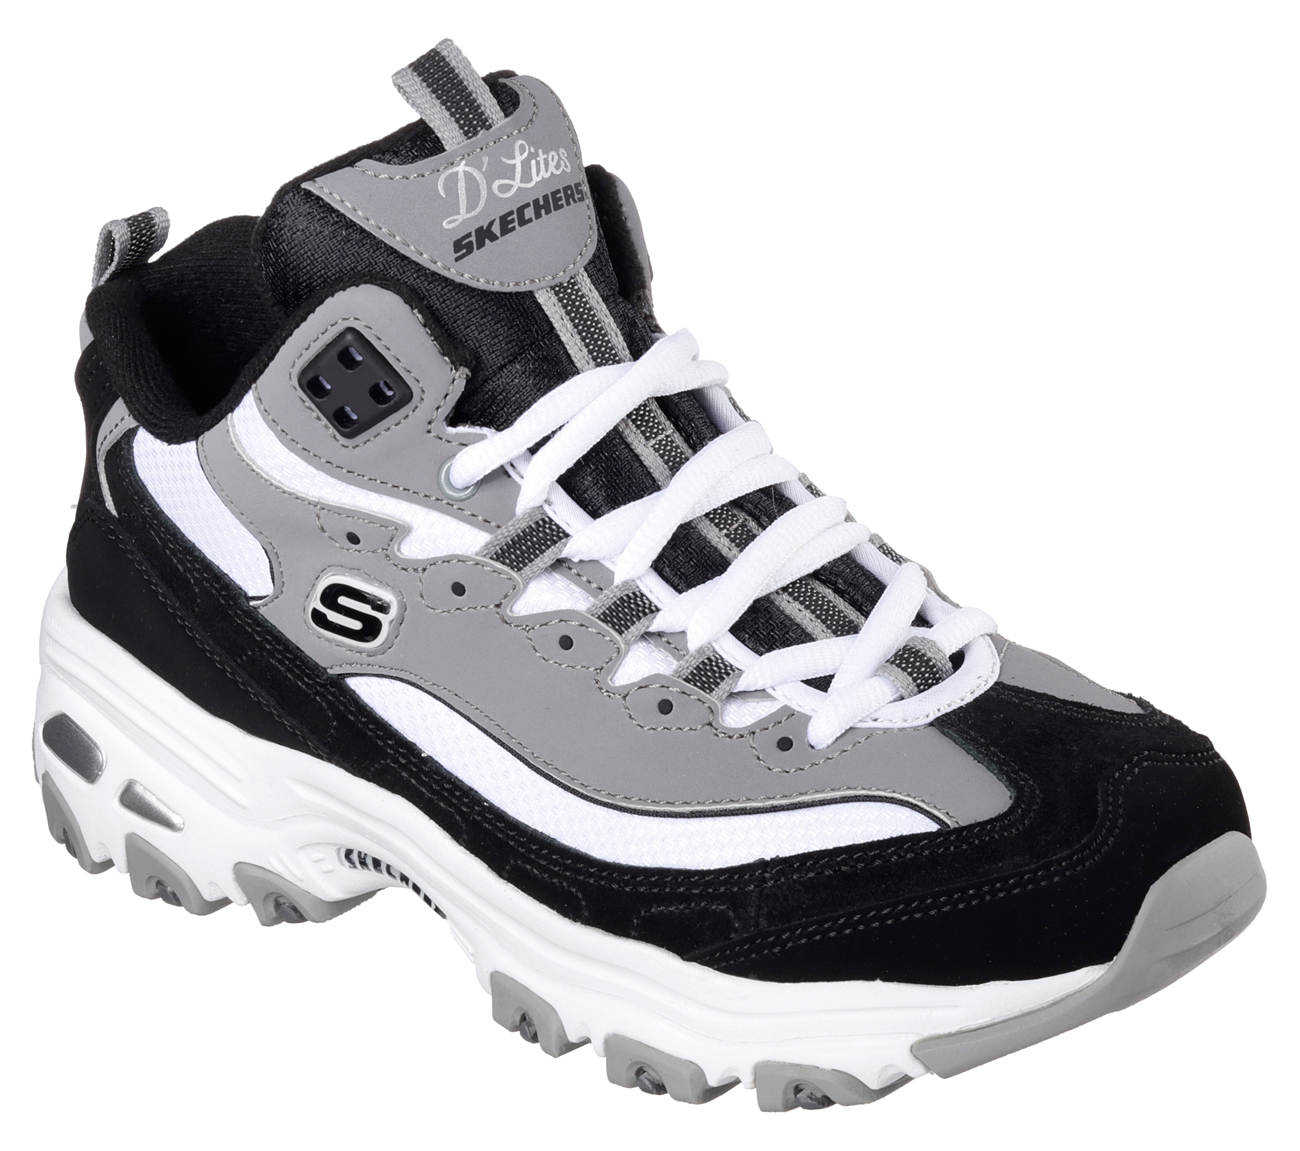 buy skechers d 39 lites d 39 liteful d 39 lites shoes only. Black Bedroom Furniture Sets. Home Design Ideas